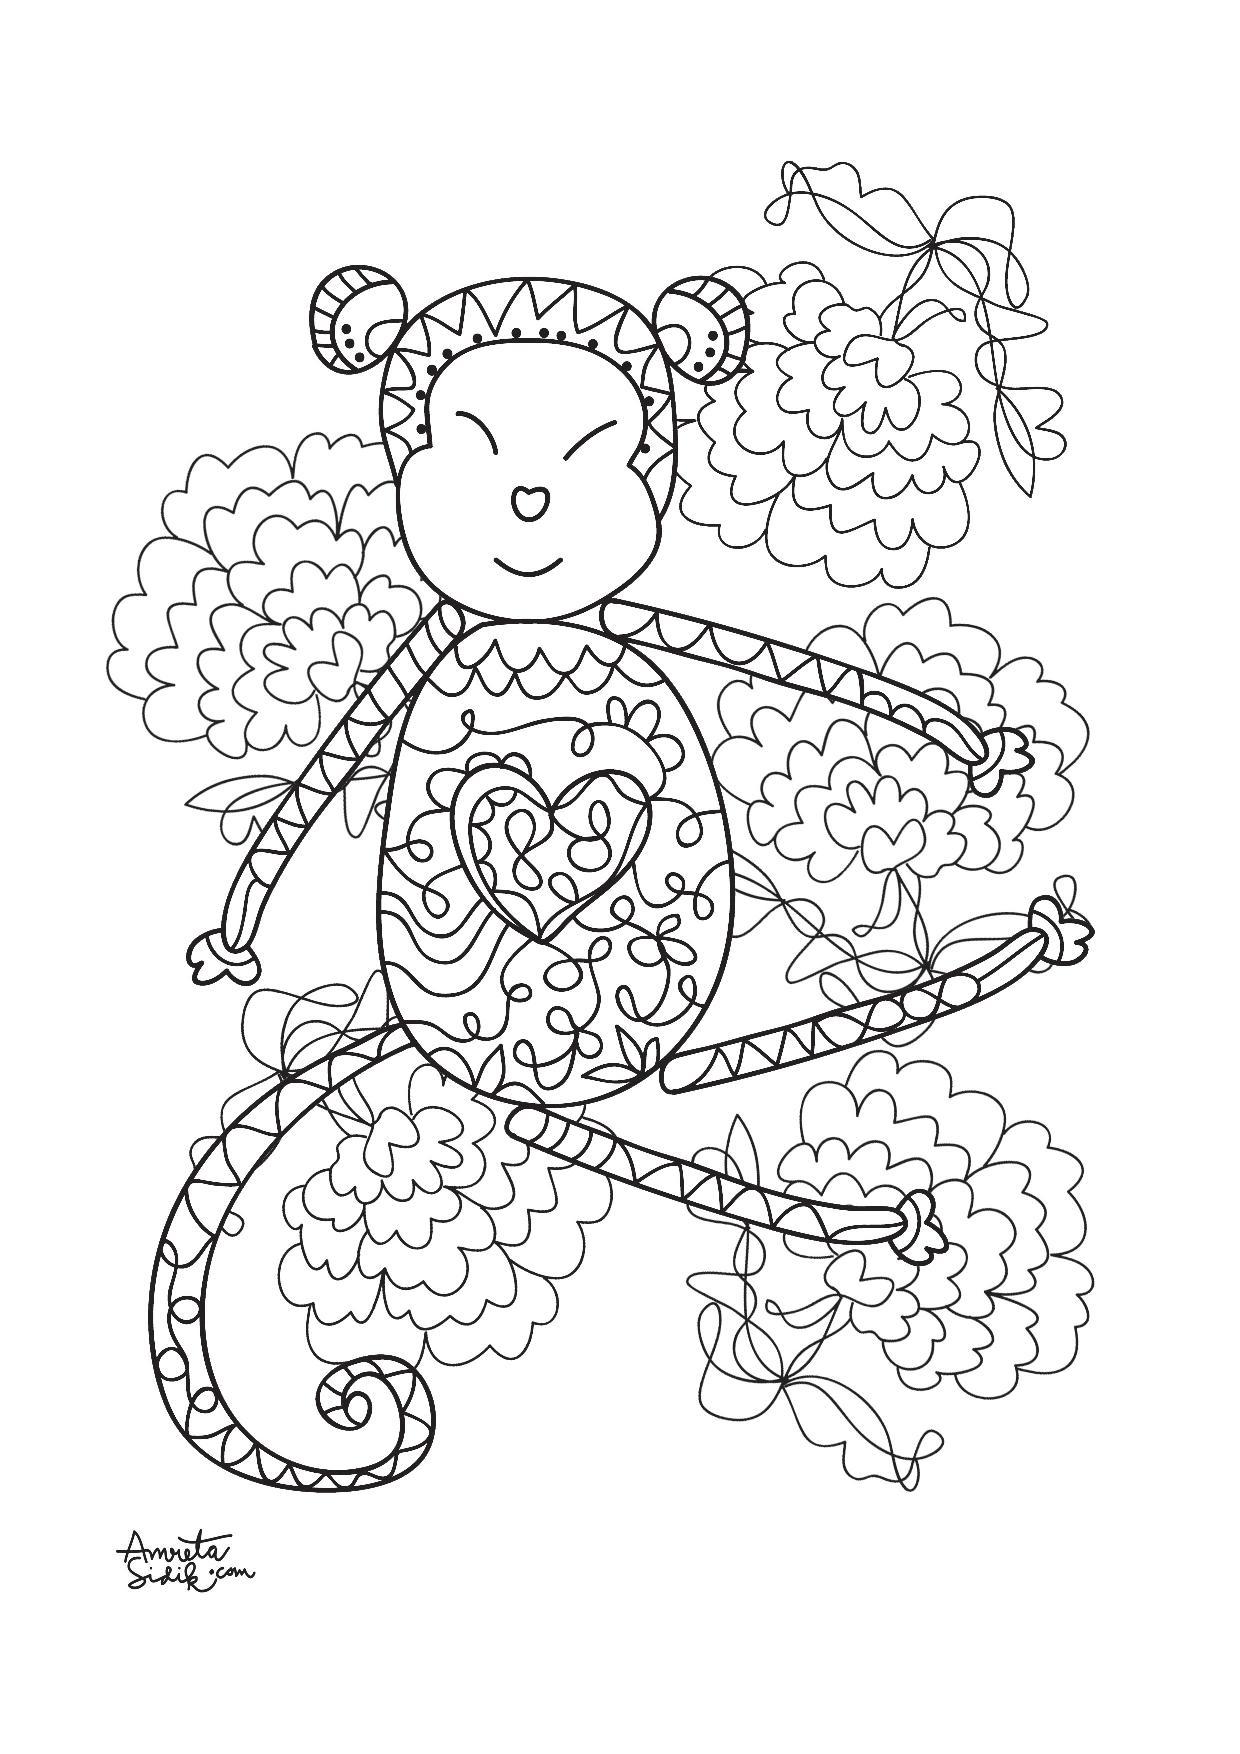 Colorear para adultos : Anti-stress / Zen - 128